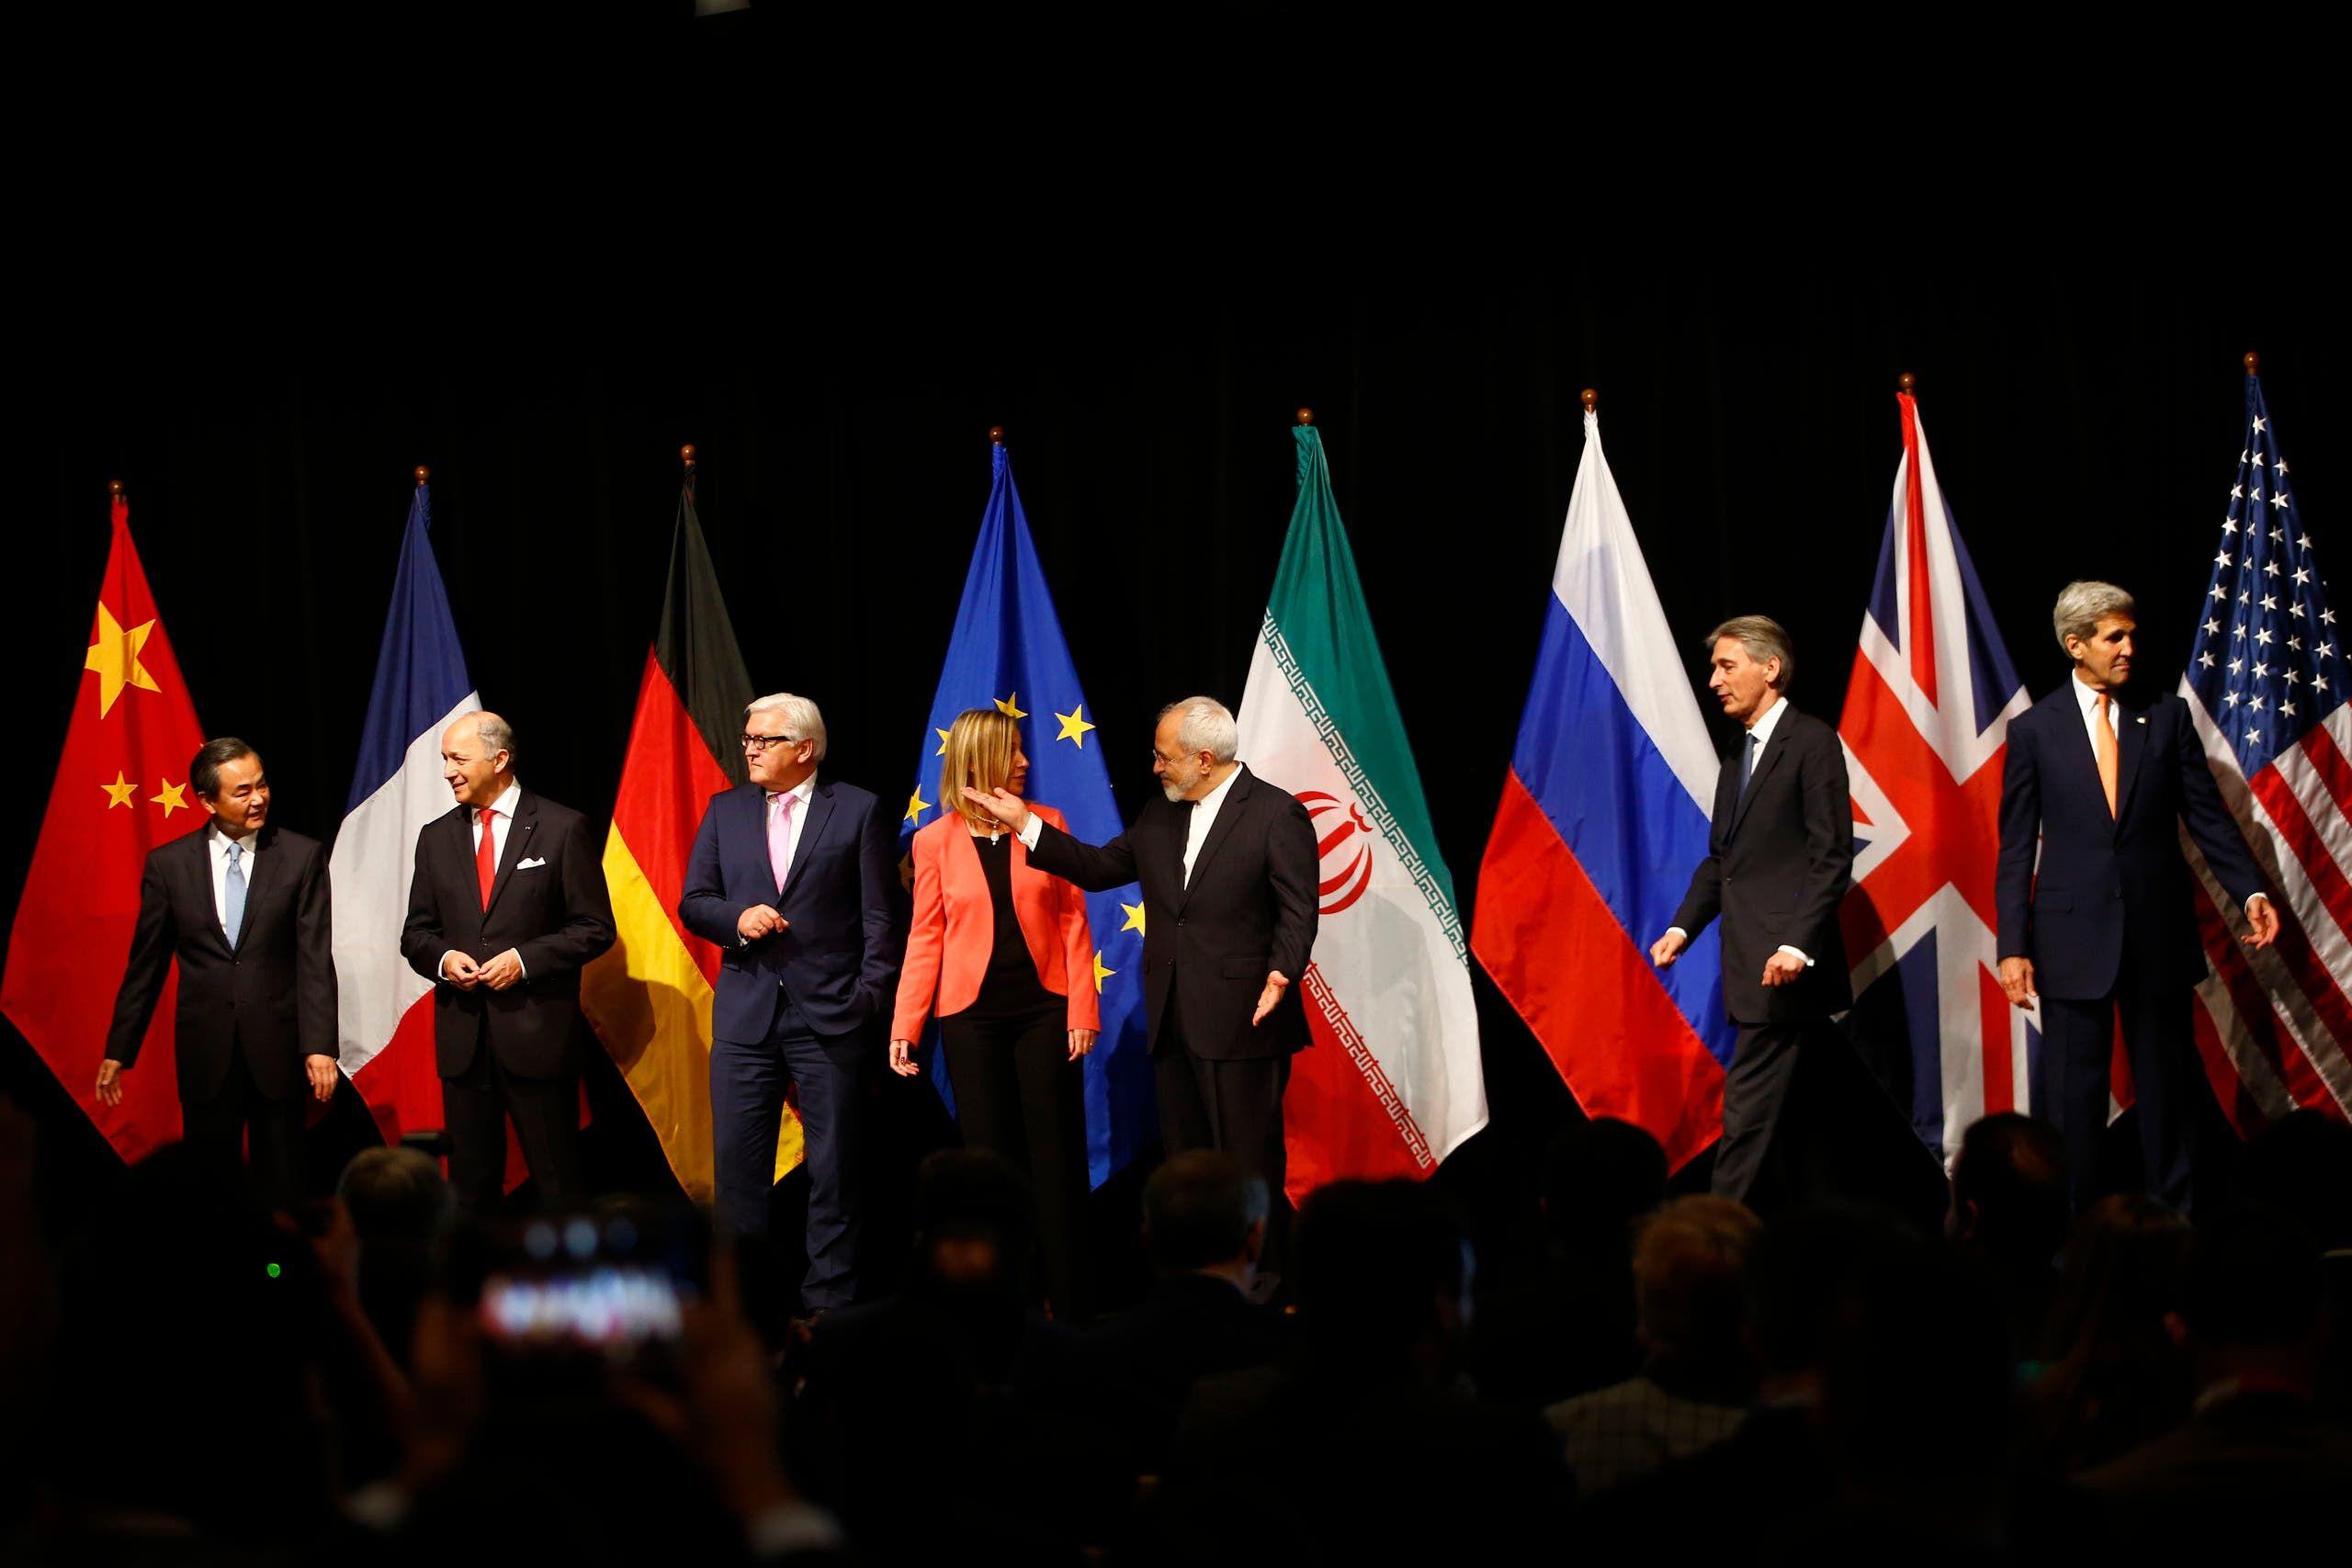 من التوقيع على الاتفاق النووي في 2015 في فيينا